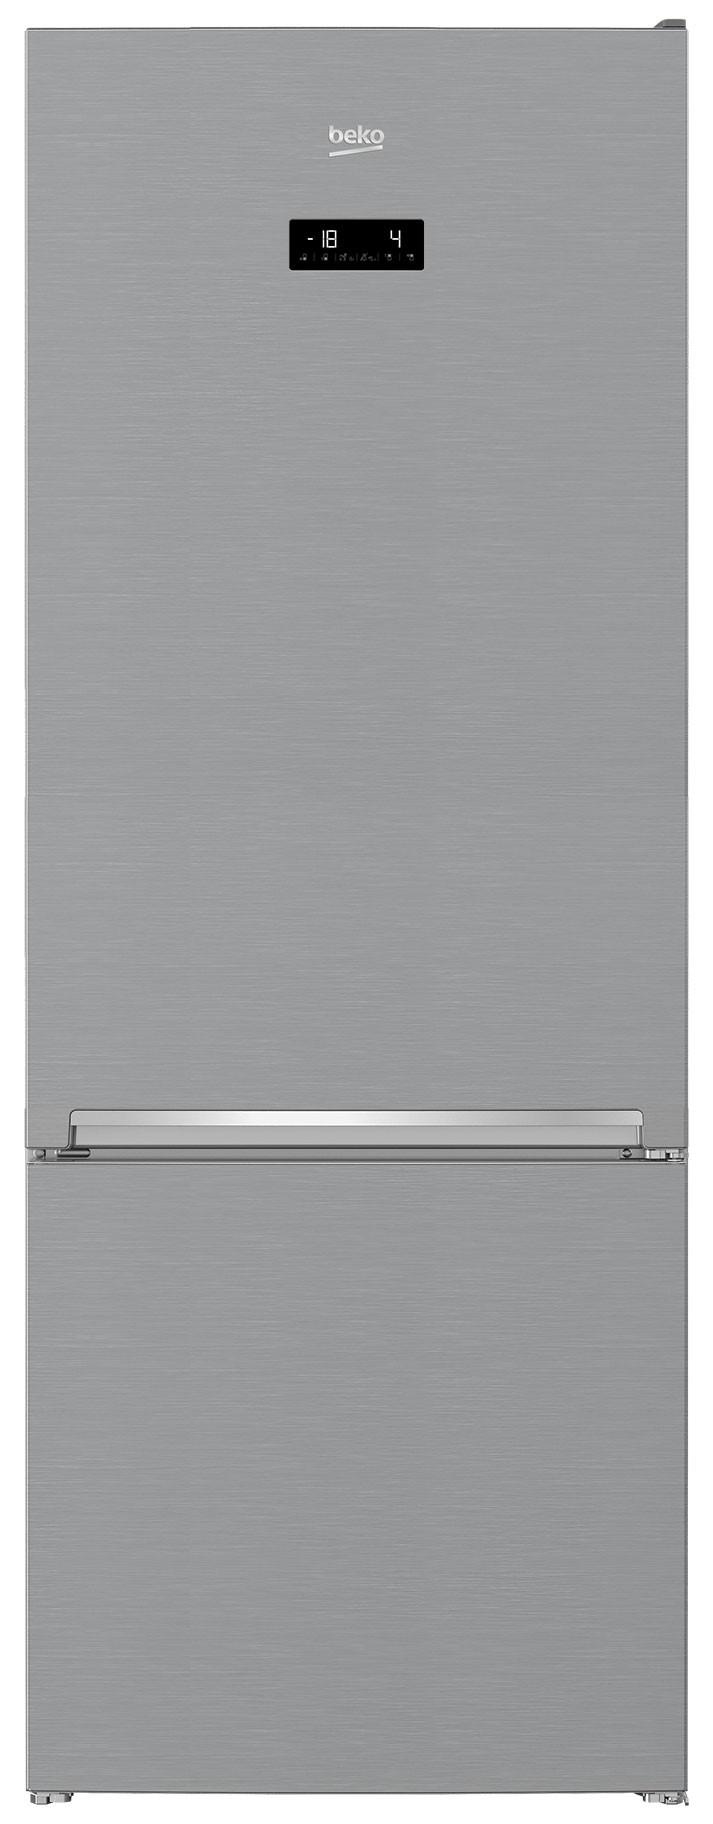 Combina frigorifica Beko RCNE560E40ZXBN